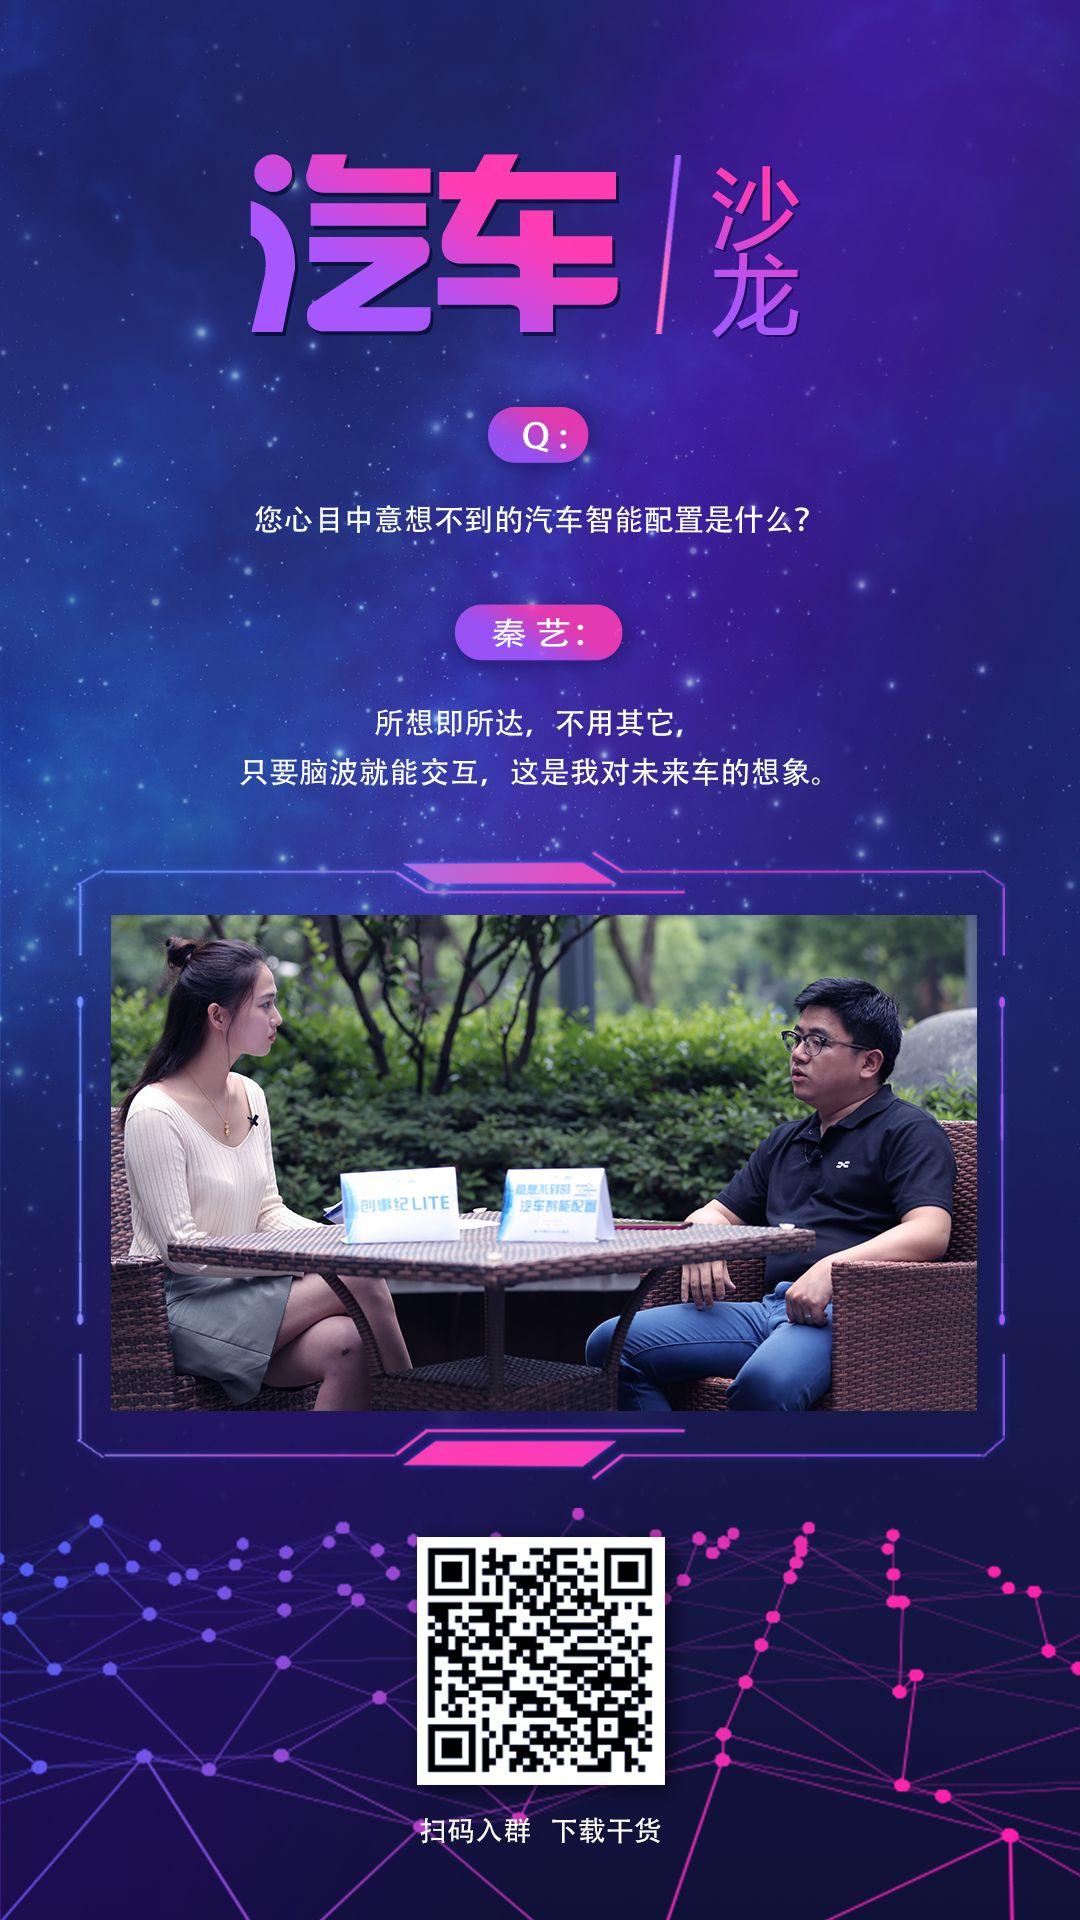 爱驰汽车车联网总监秦艺:科技的目的是为用户创造感动